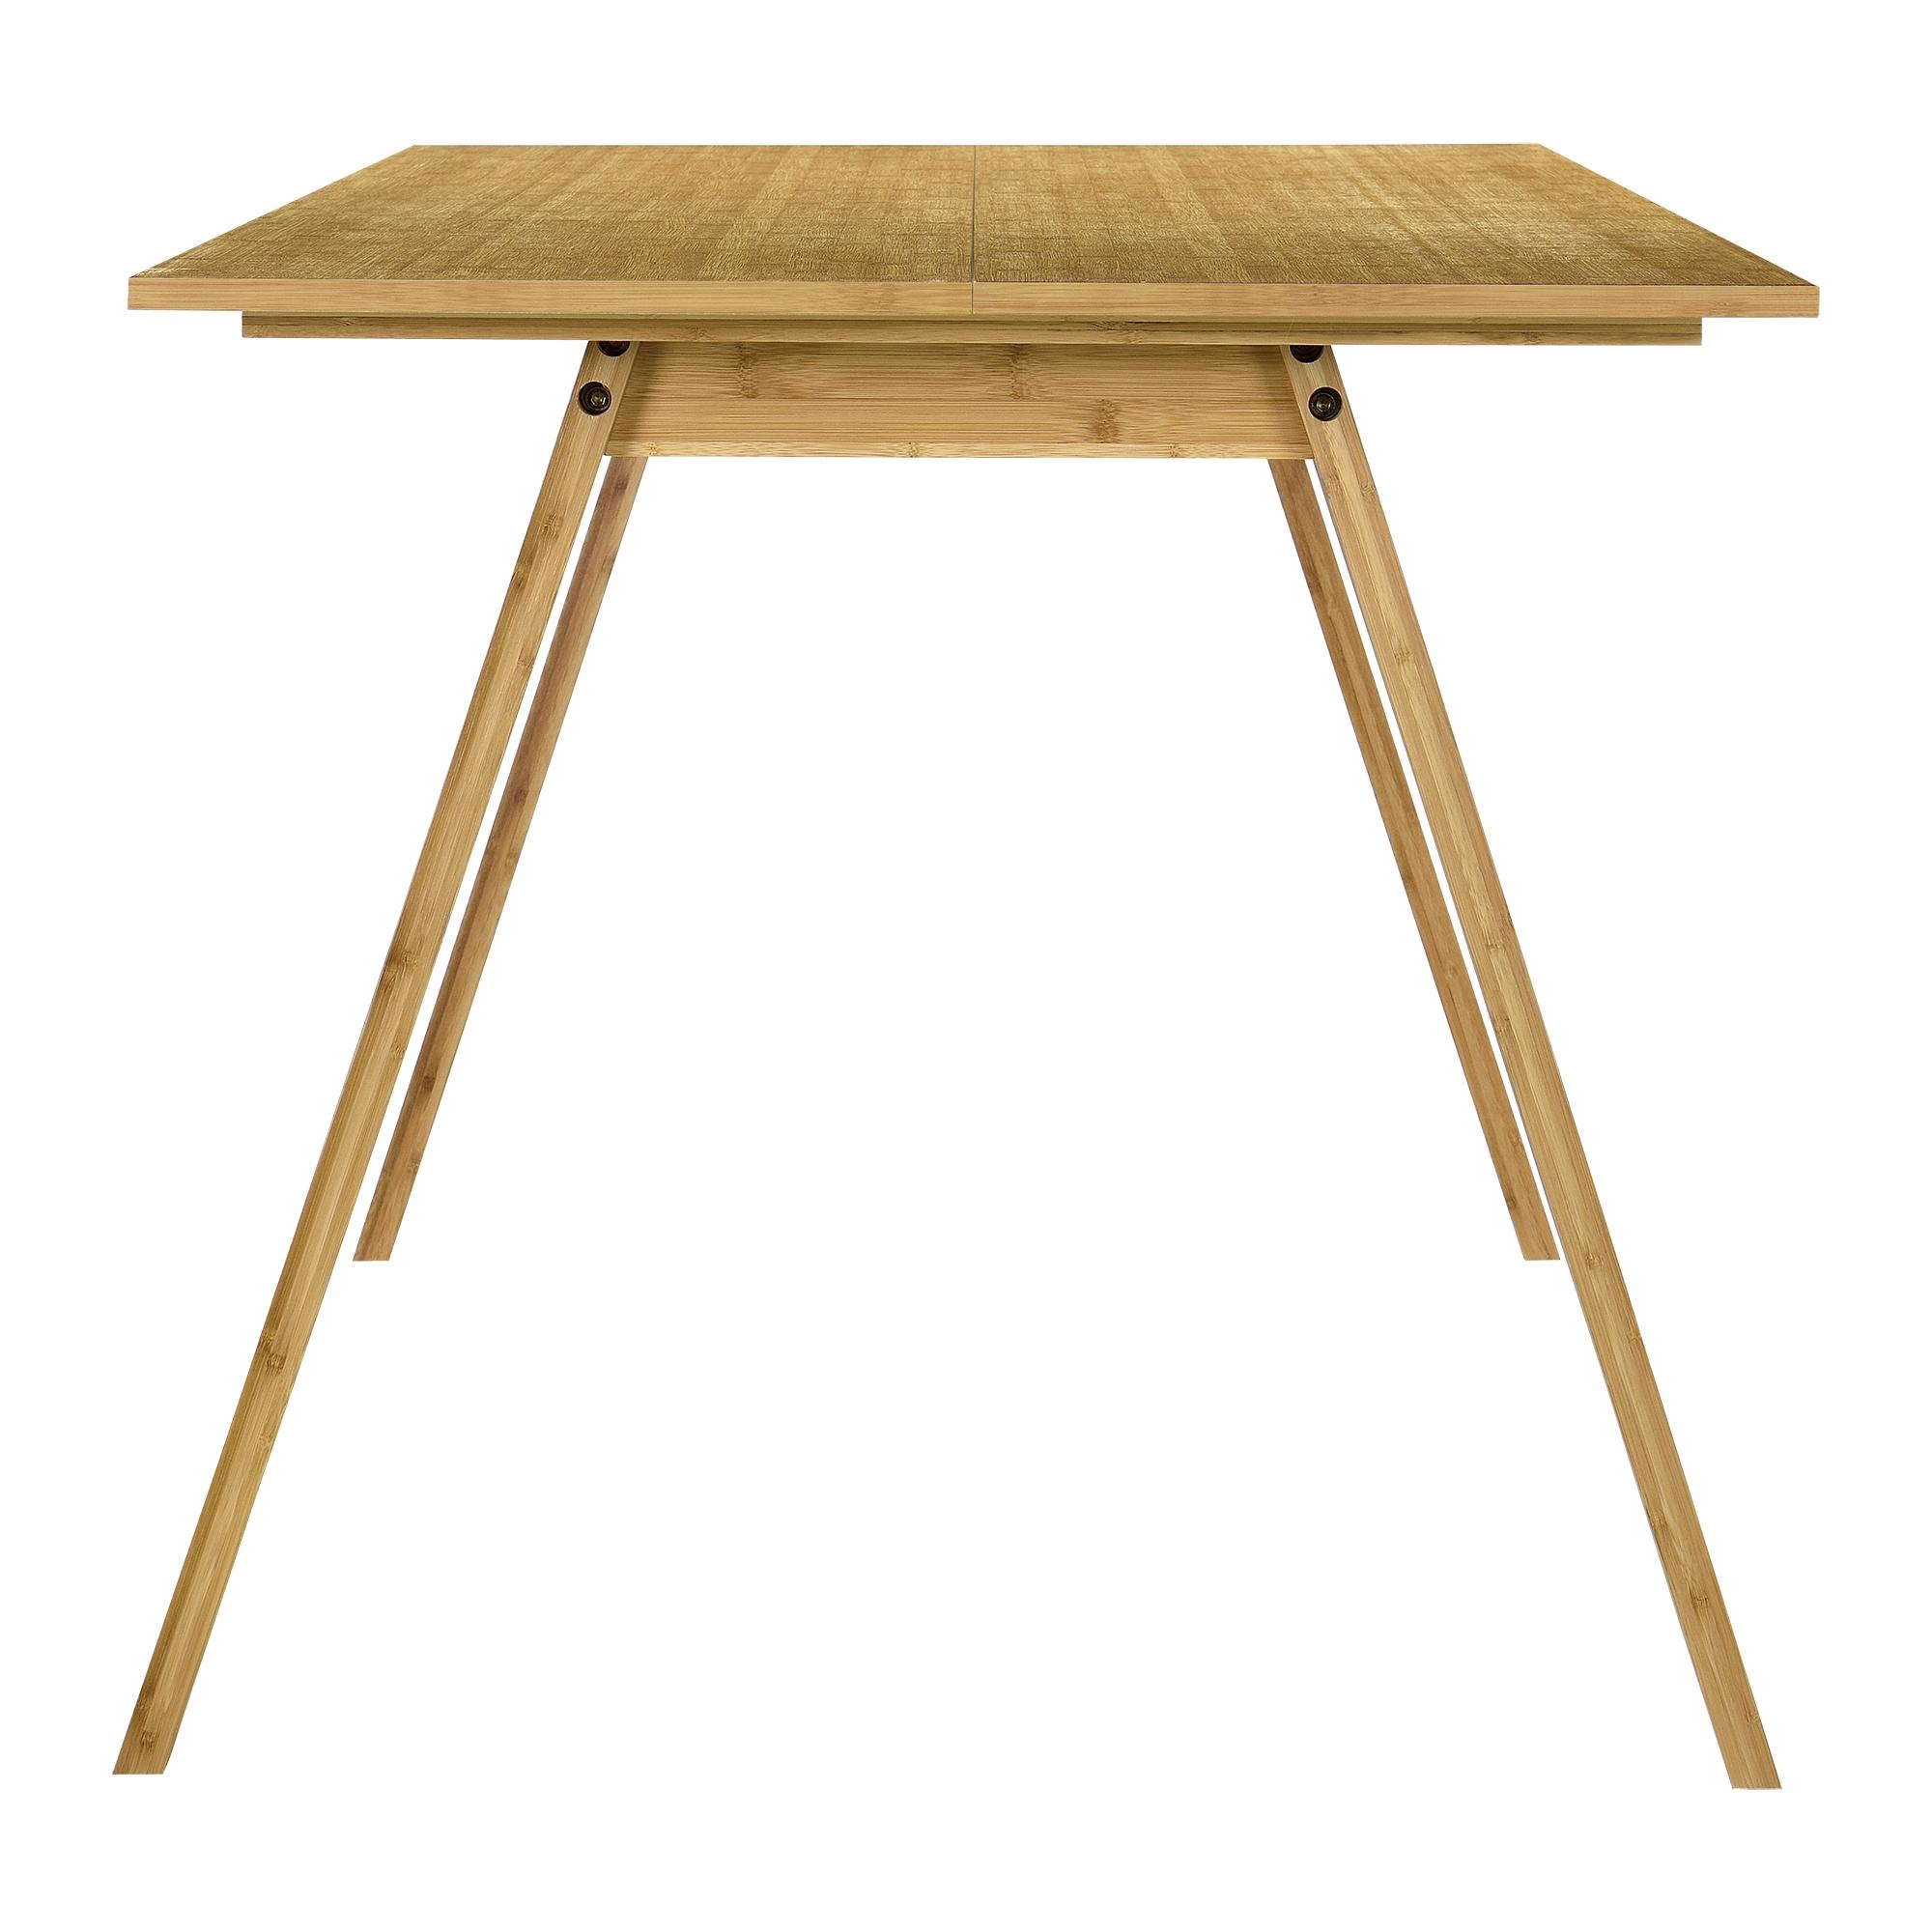 Details Zu En Casa Moderner Esstisch Tisch Esszimmer Kuchentisch Retro Rund Eckig Eiche